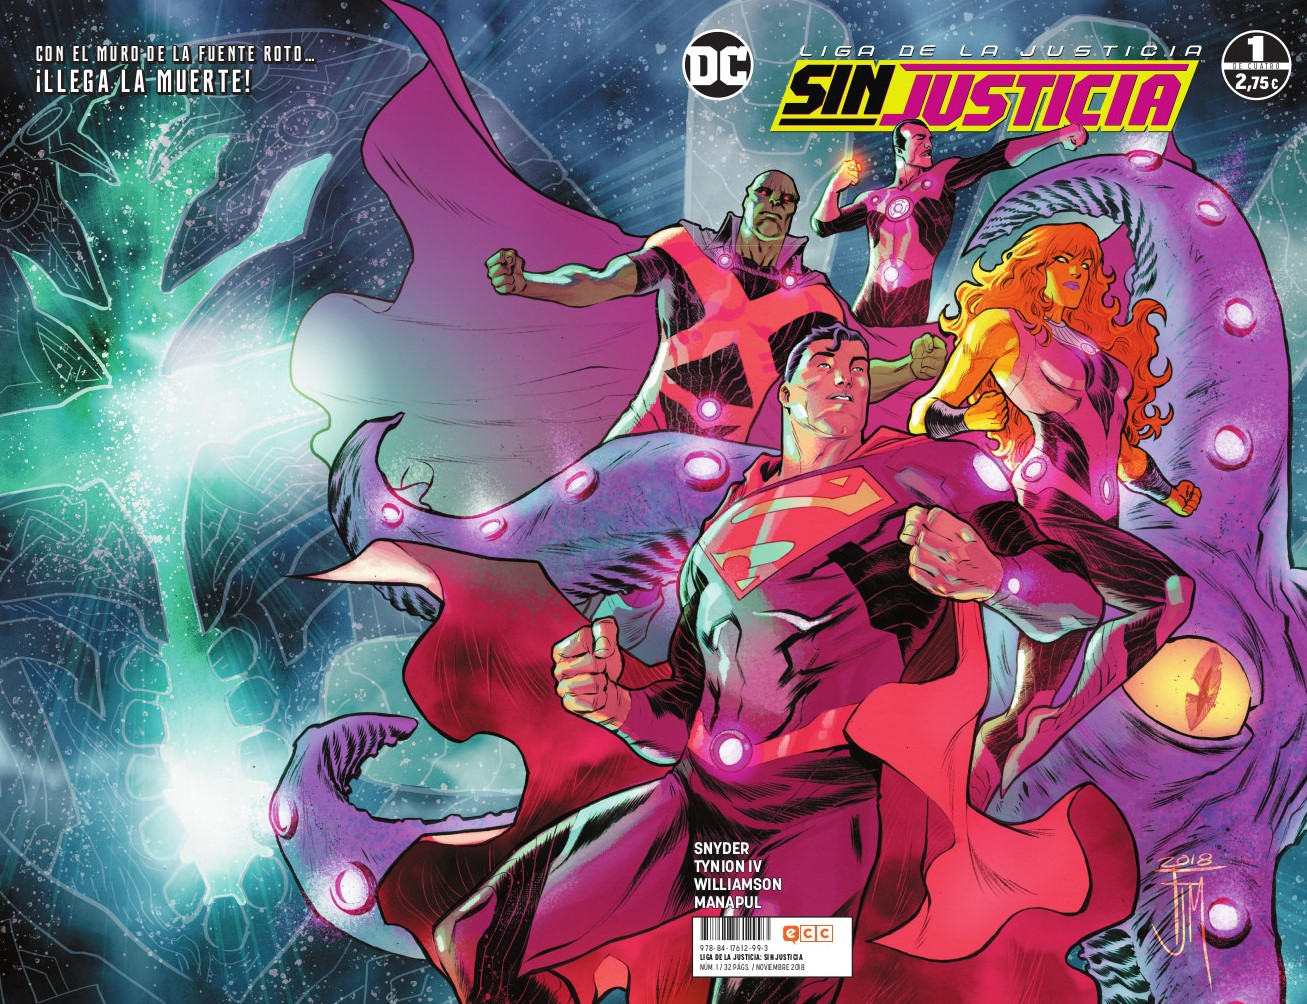 Liga de la Justicia: Sin justicia núm. 01 (de 4)